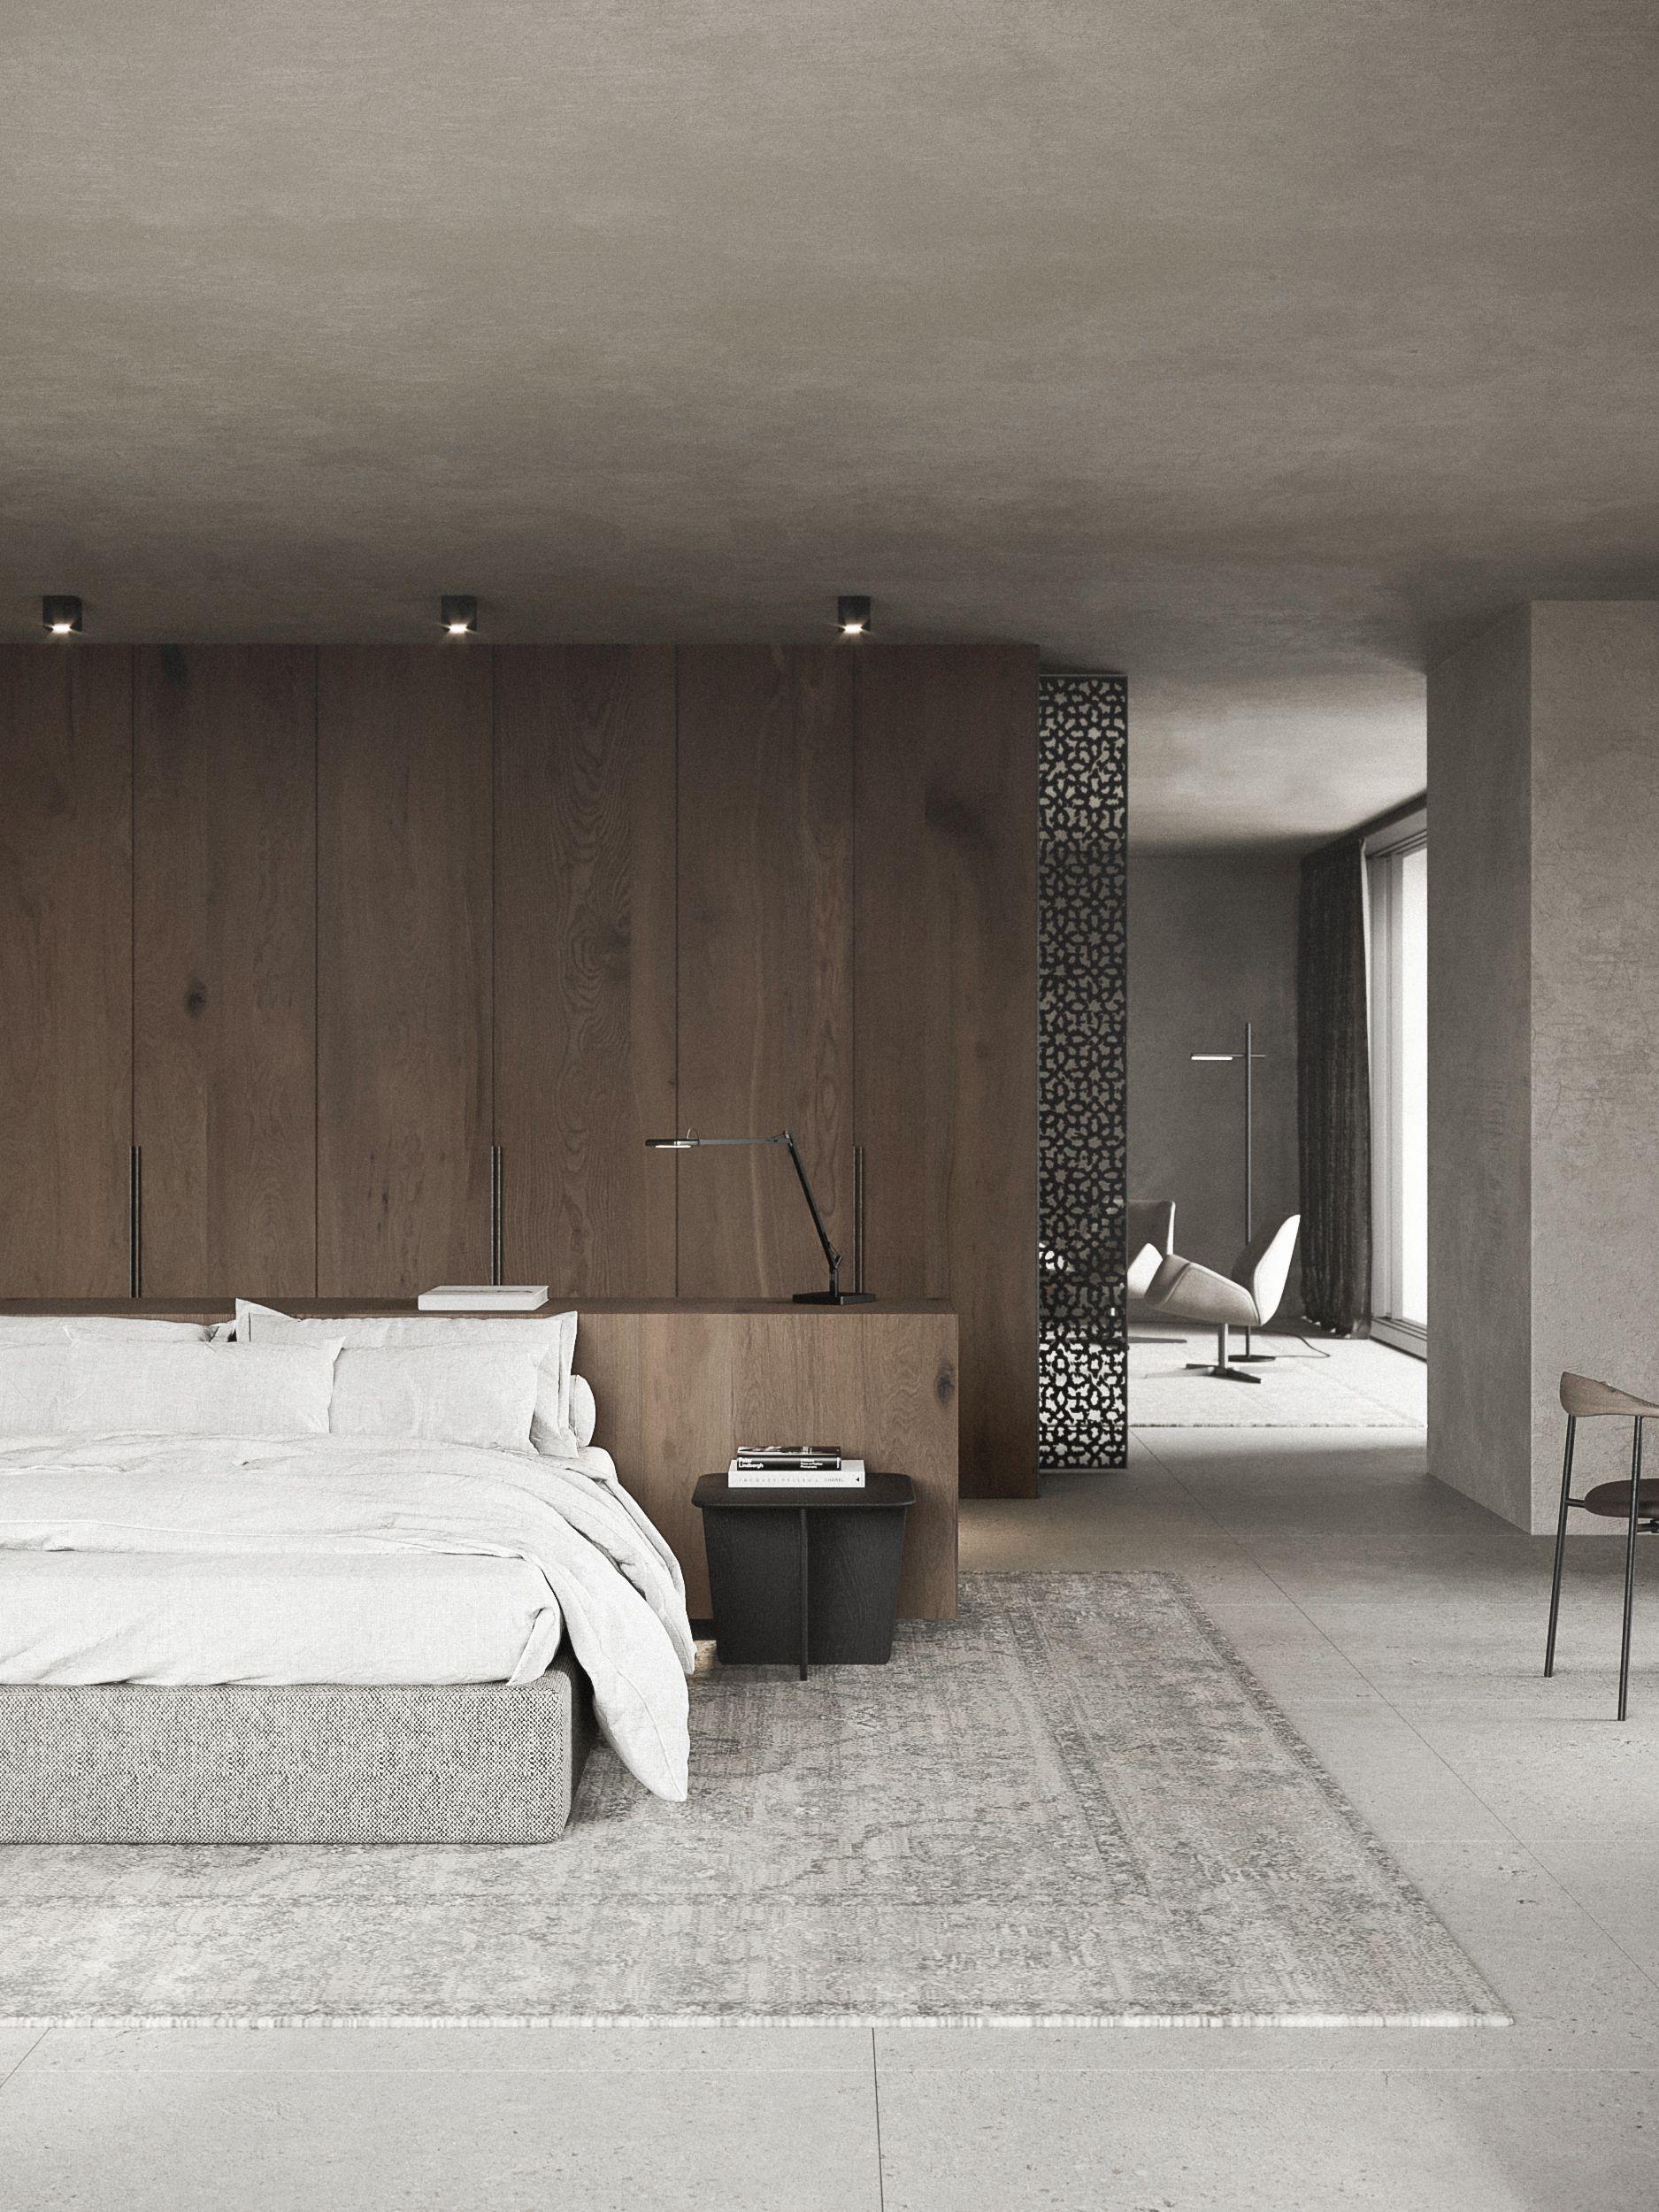 19 mẫu phòng ngủ hài hòa và thư thái theo phong cách Zen - Ảnh 6.